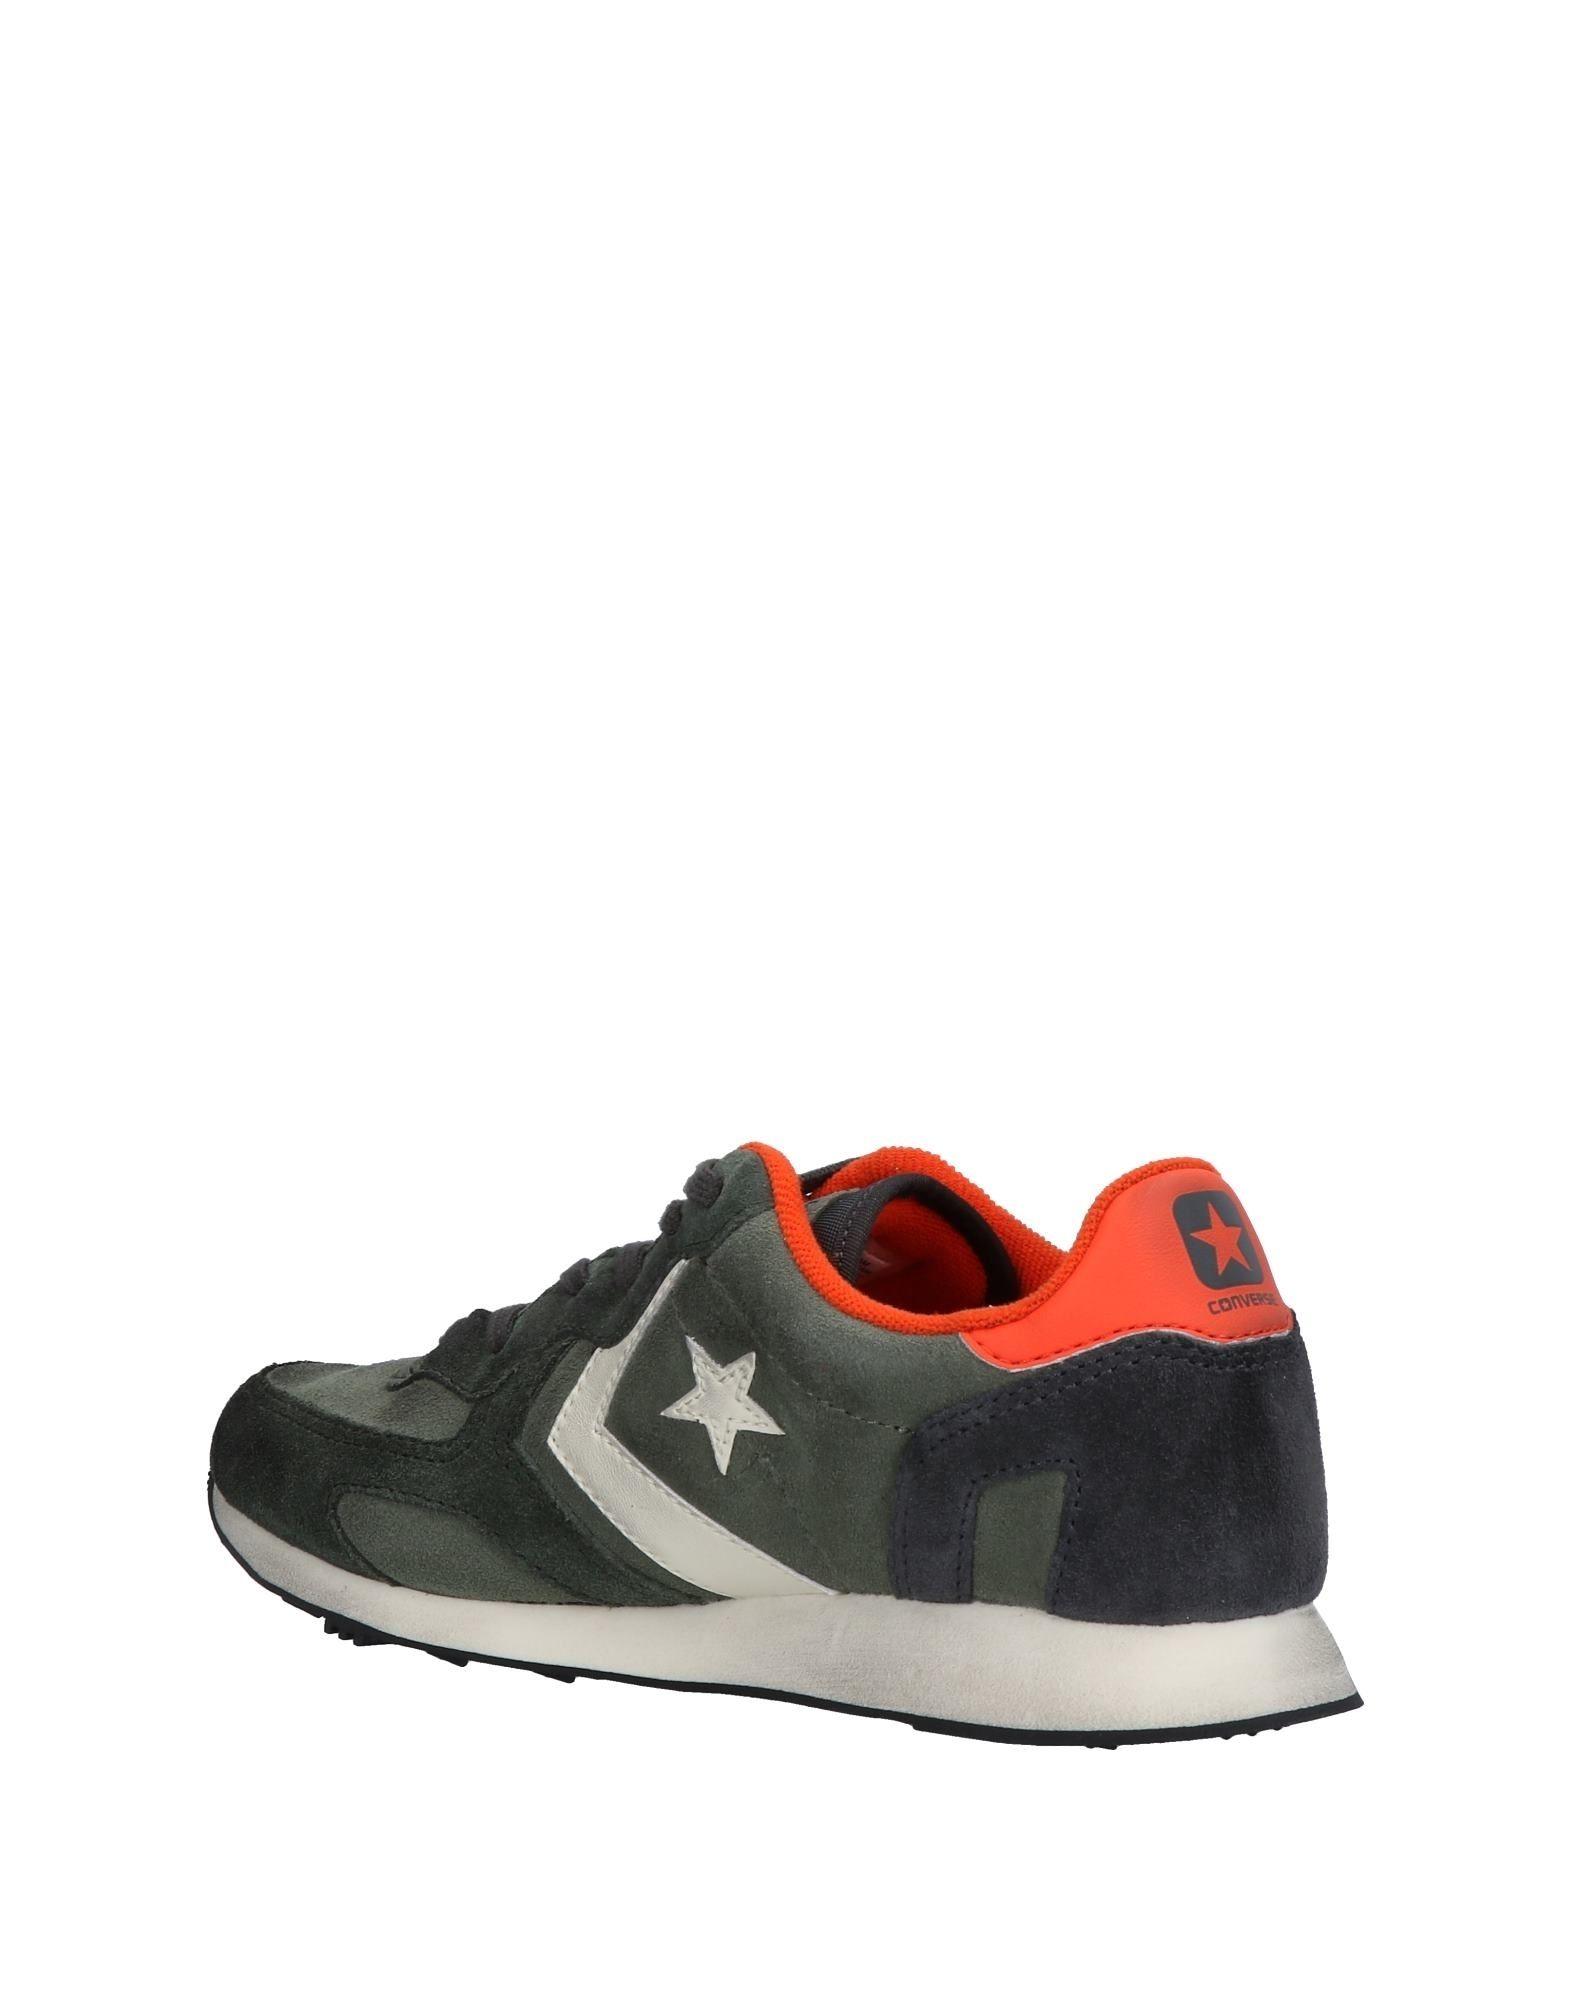 Rabatt Sneakers echte Schuhe Converse Cons Sneakers Rabatt Herren  11522751DF 394bcb